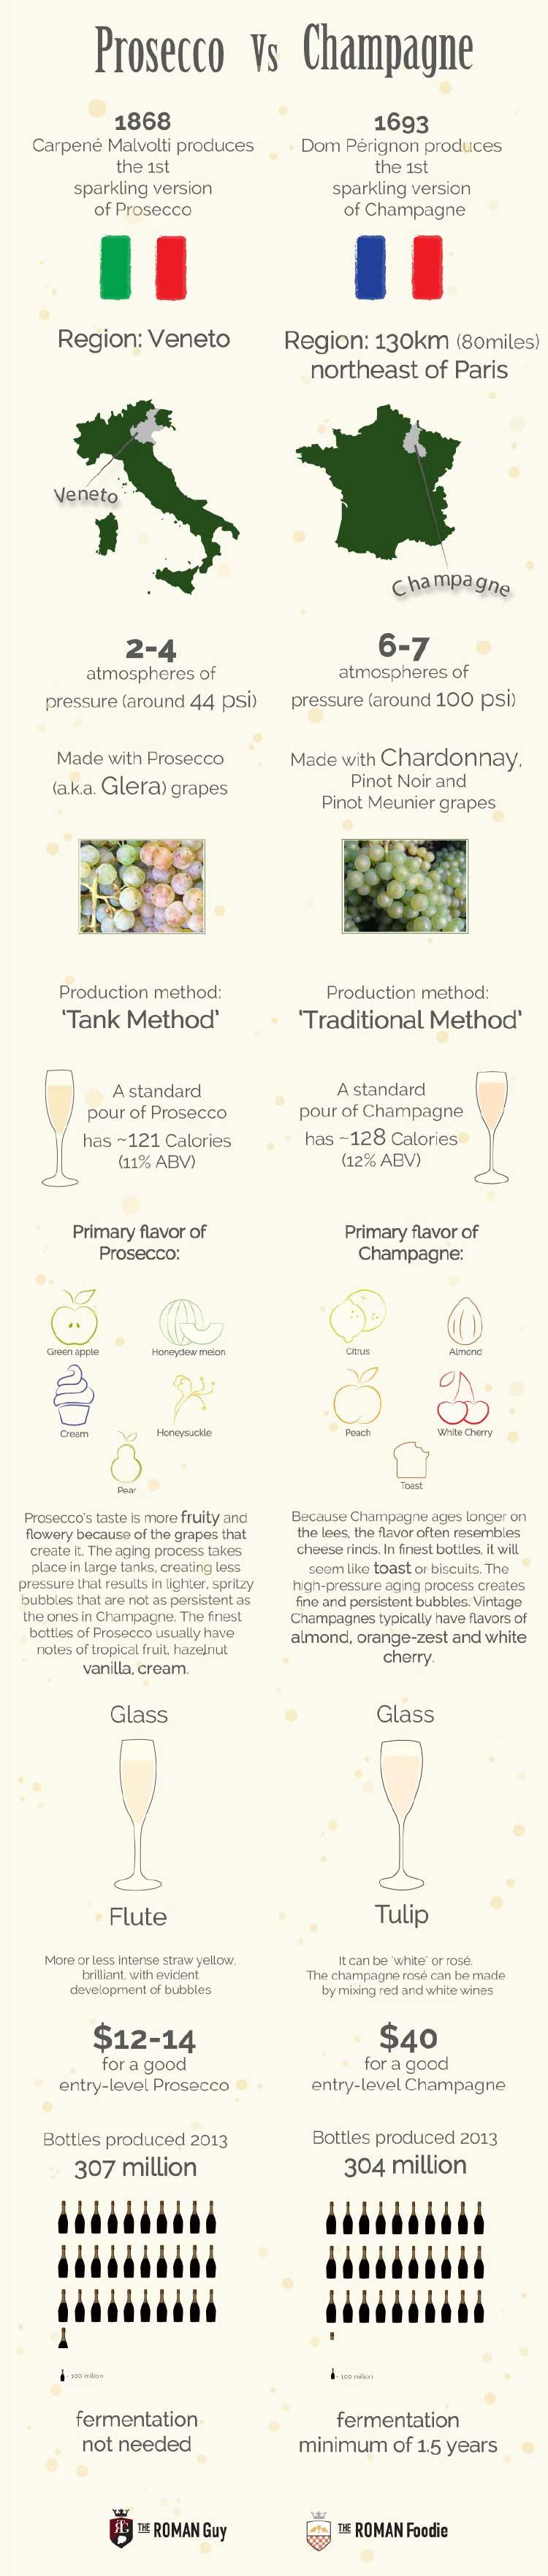 prosecco vs champagne who's best?